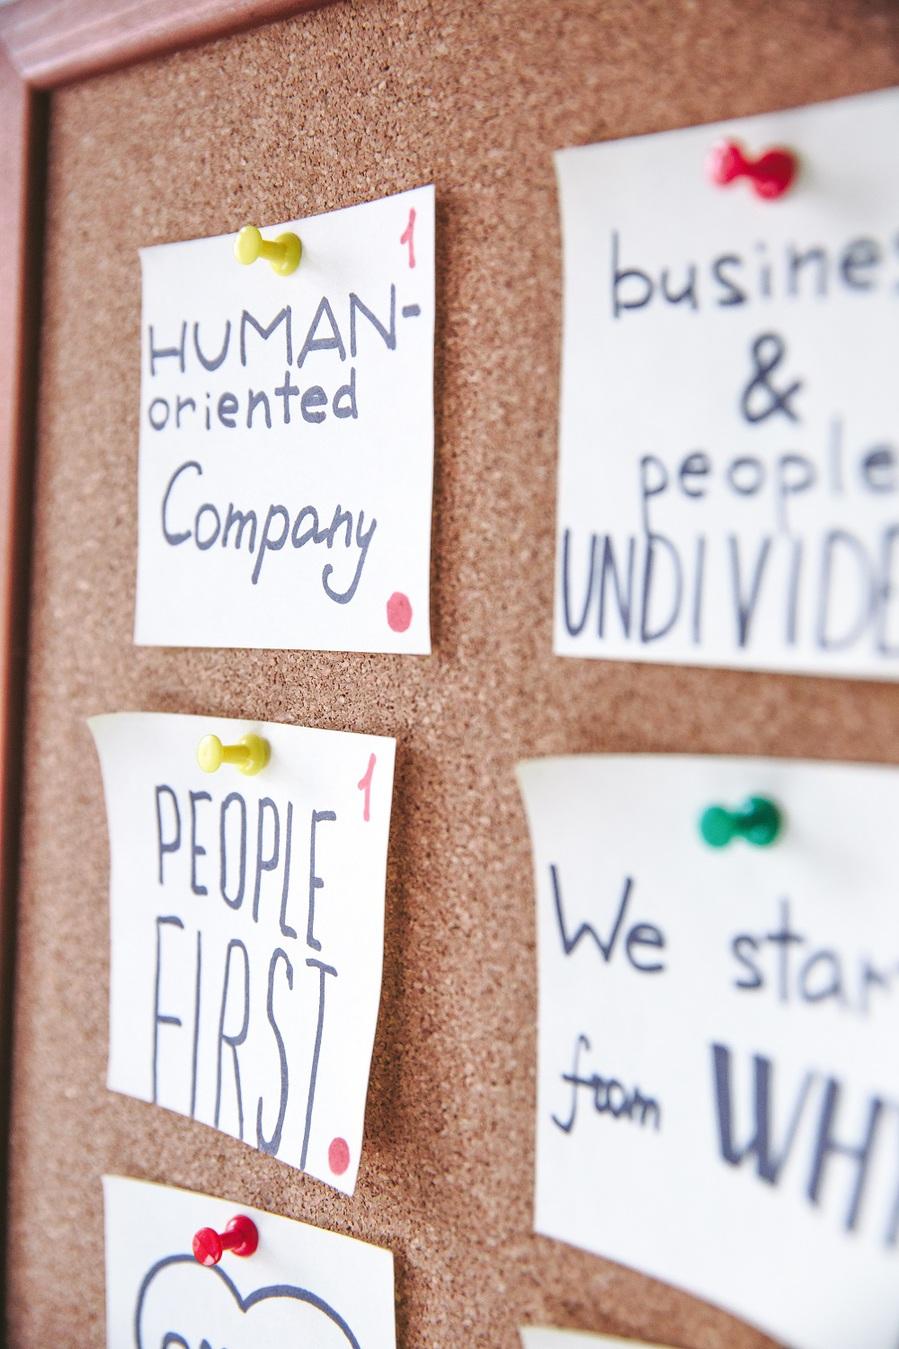 Catatan strategi bisnis di papan